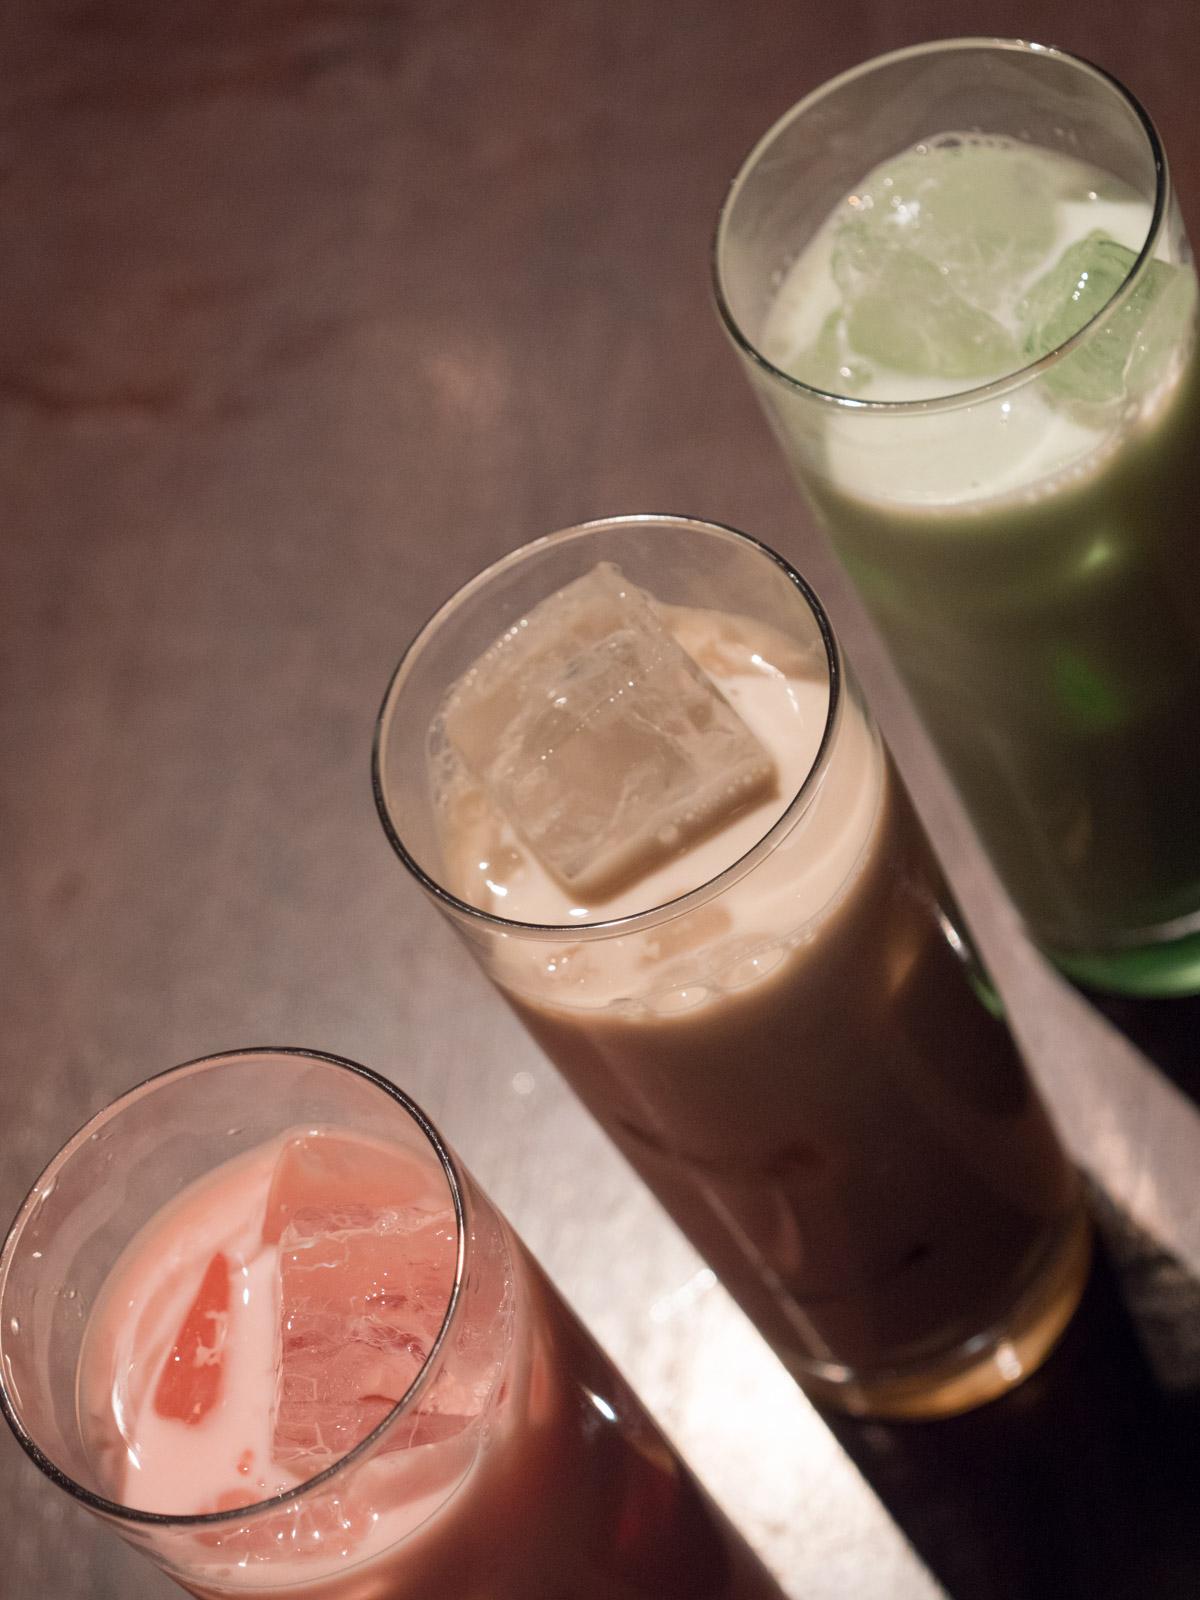 函館市本町「Ratna(ラトナ)」の抹茶ミルク、カルーアミルク、苺ミルク